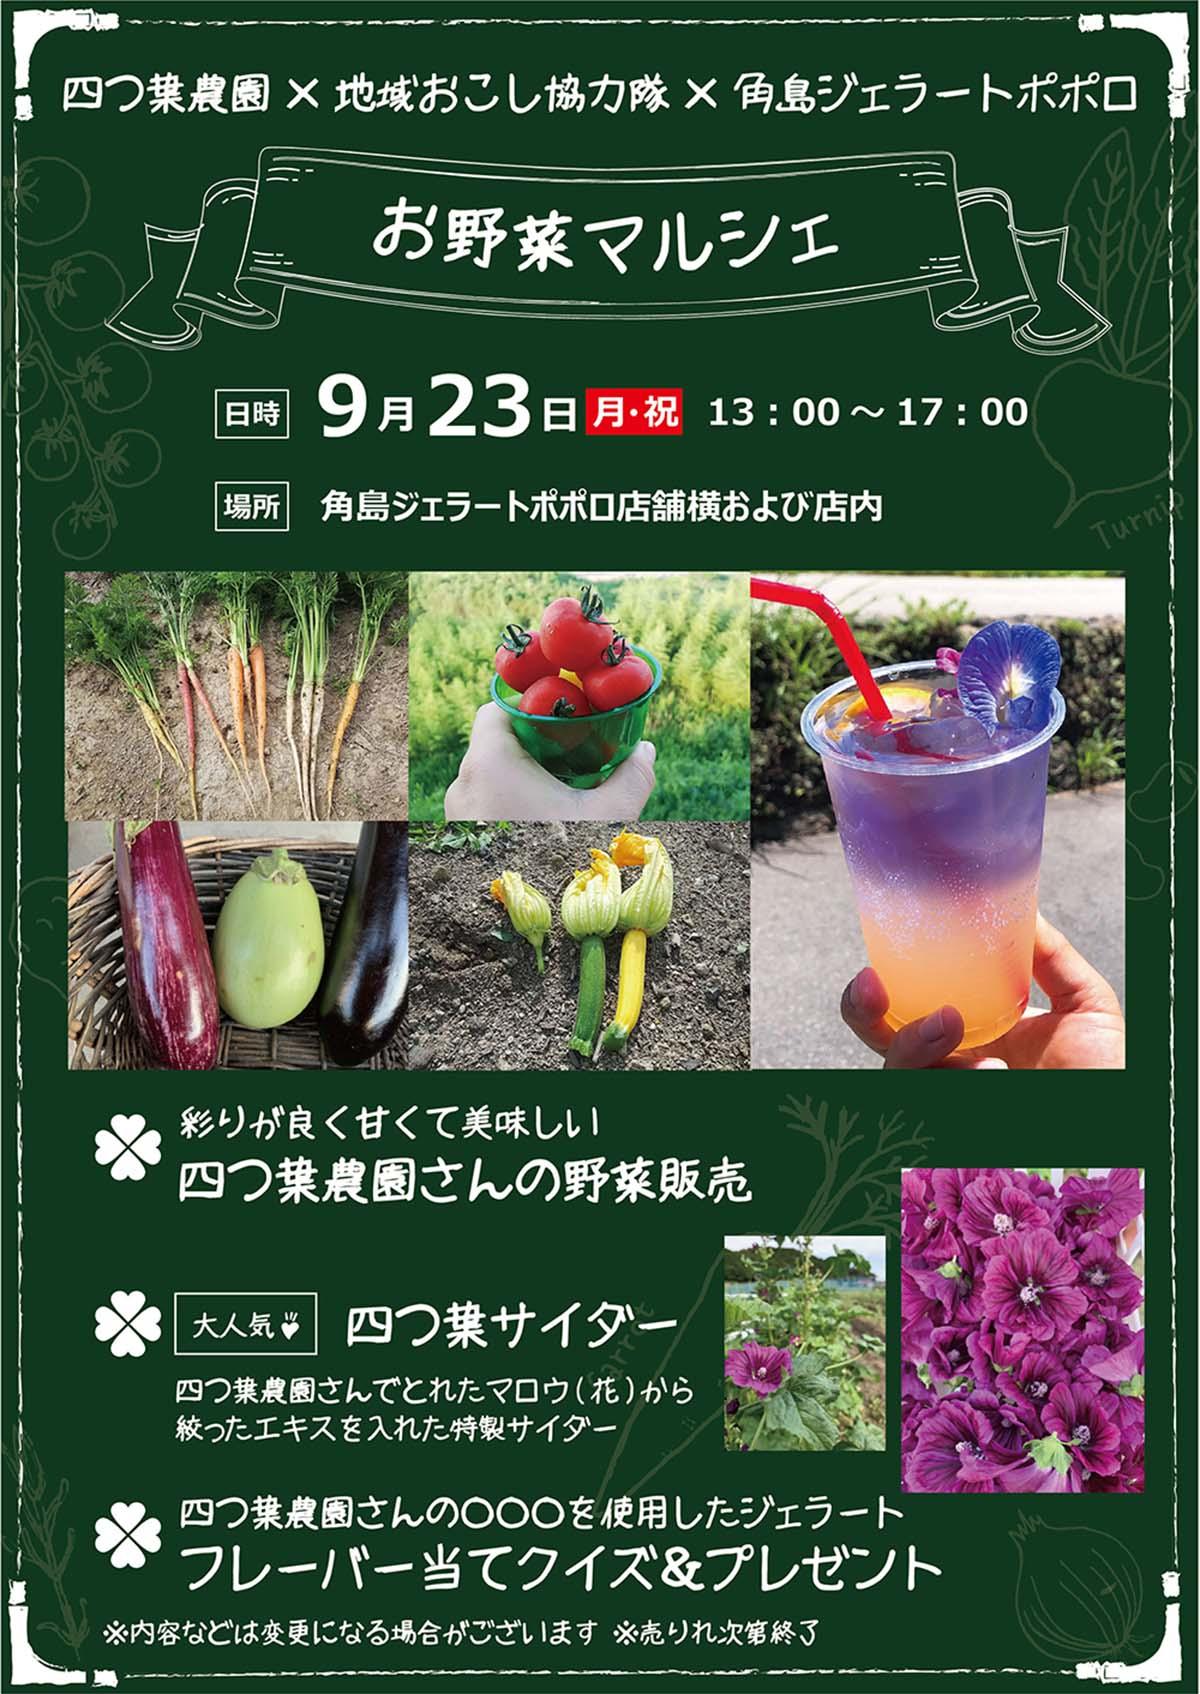 9月23日お野菜マルシェチラシ